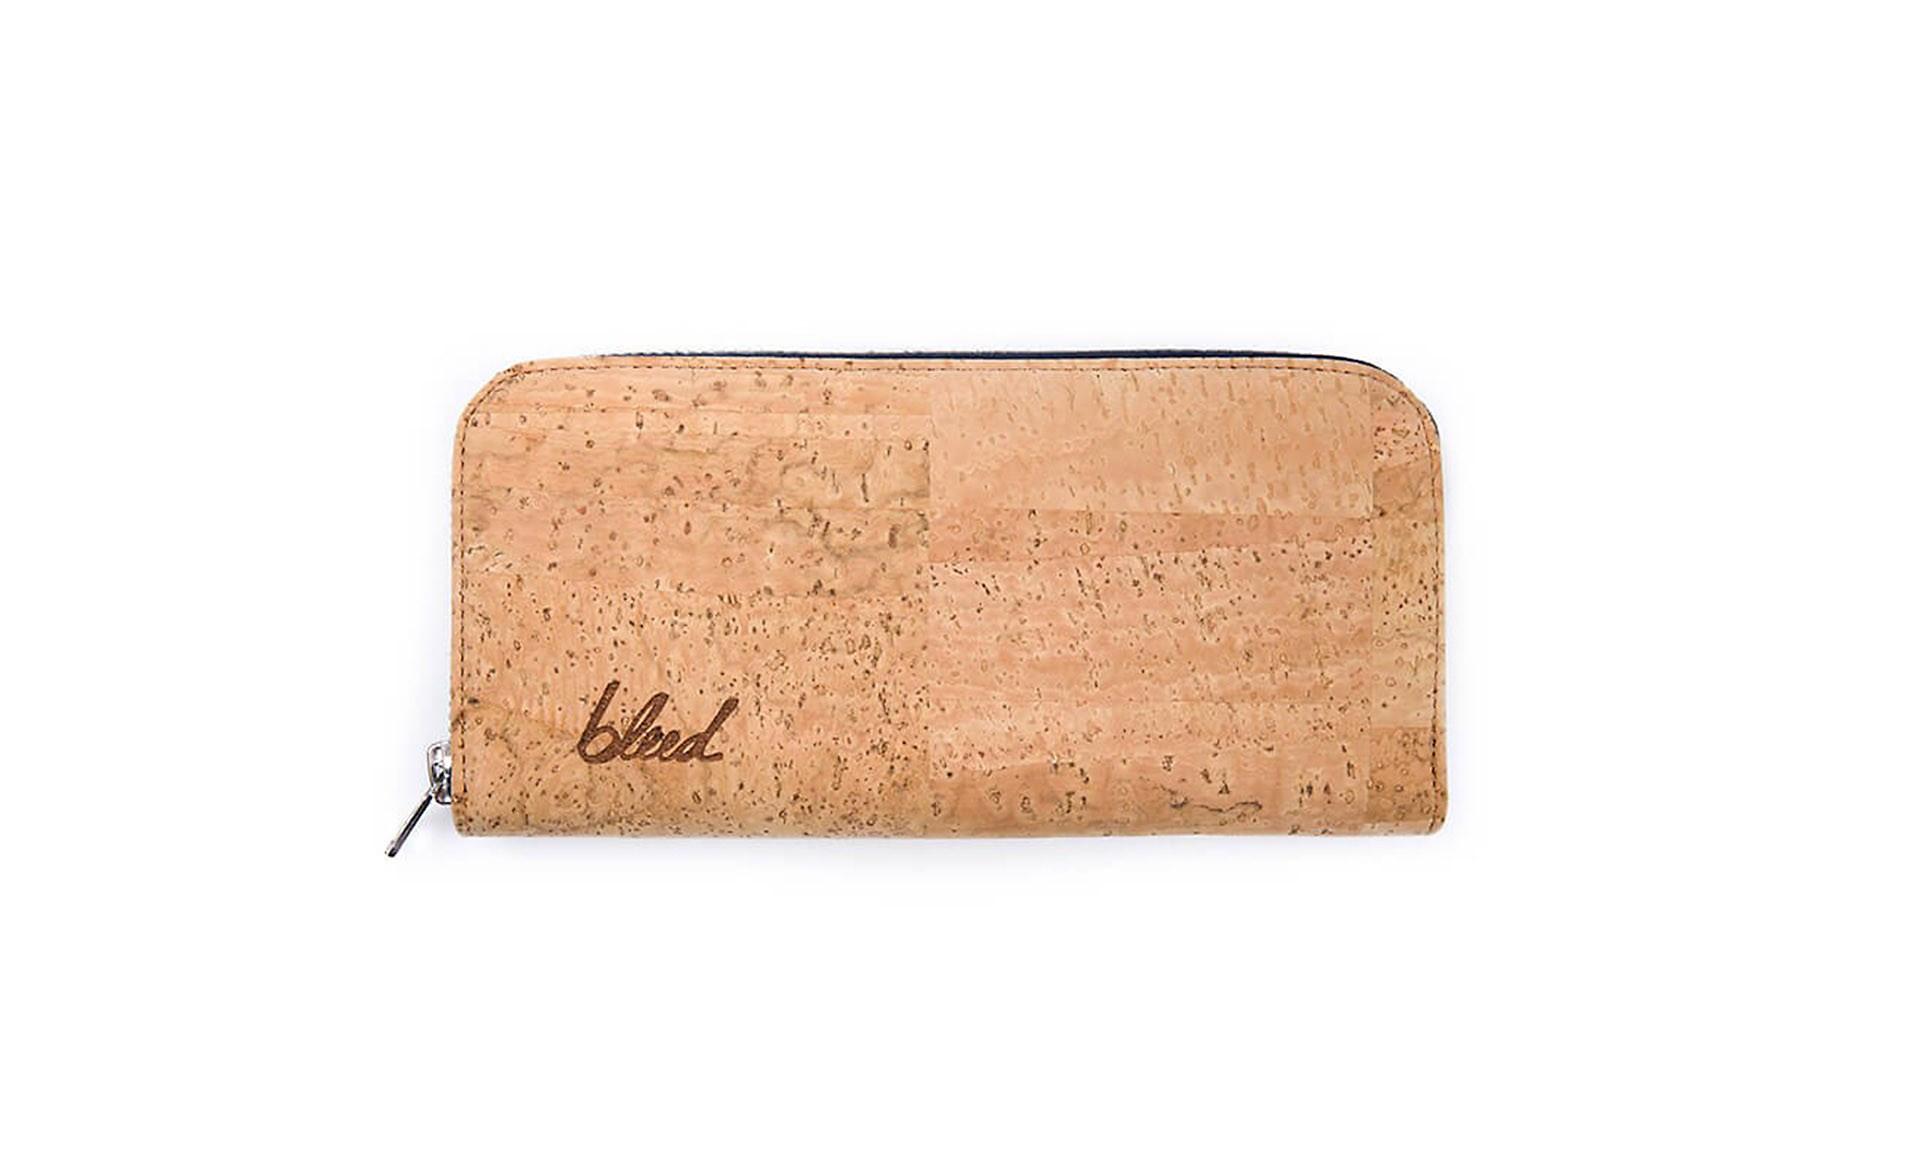 damen geldborsen vegan wallet bleed cork wallet ladies avesu vegan shoes  vegan wallet bleed cork wallet ladies